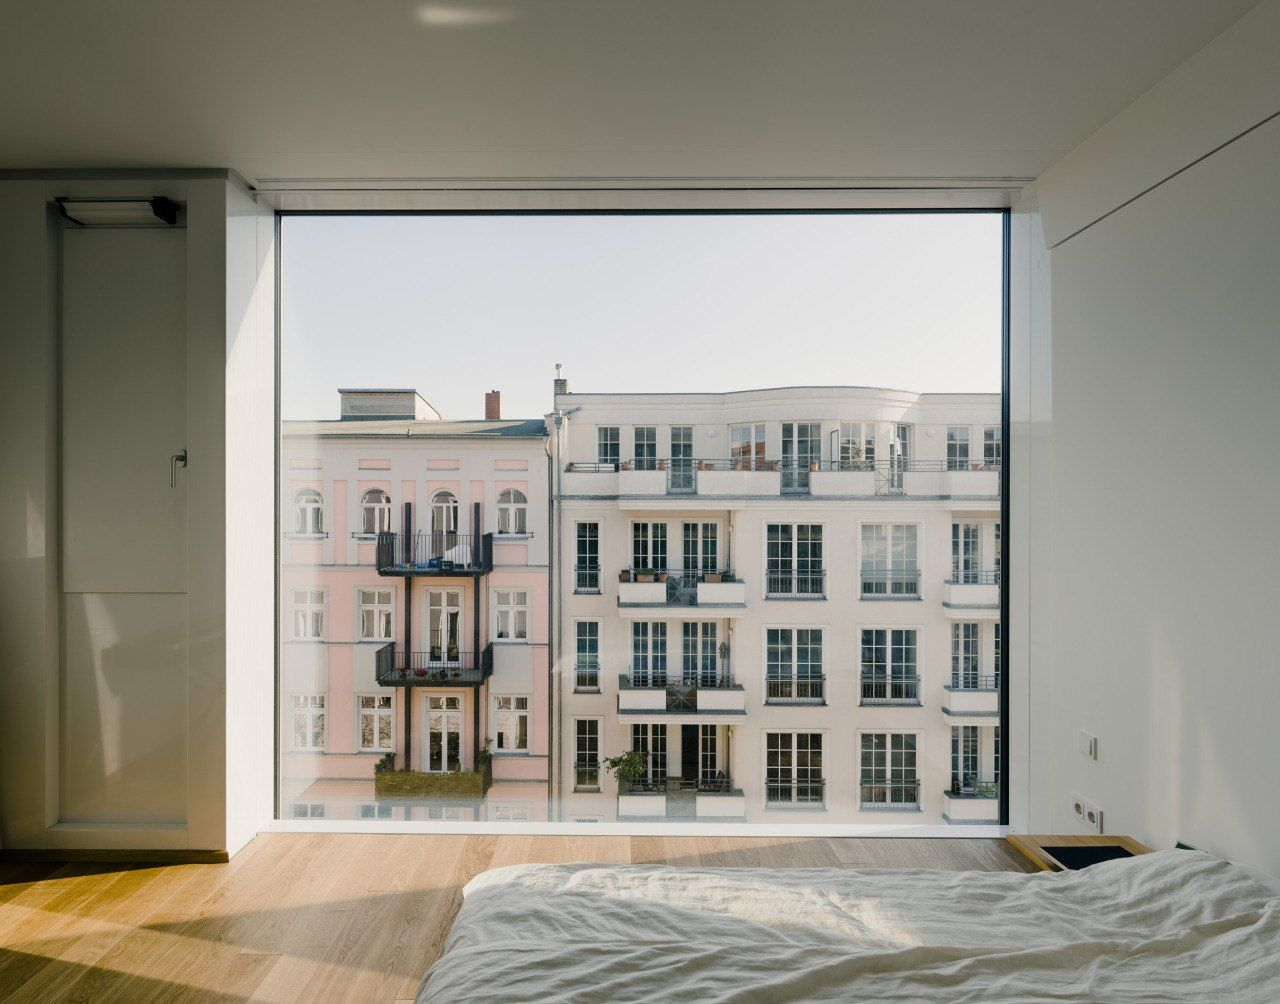 3 window bedroom ideas  Сохранённые фотографии u   фотографий  little design